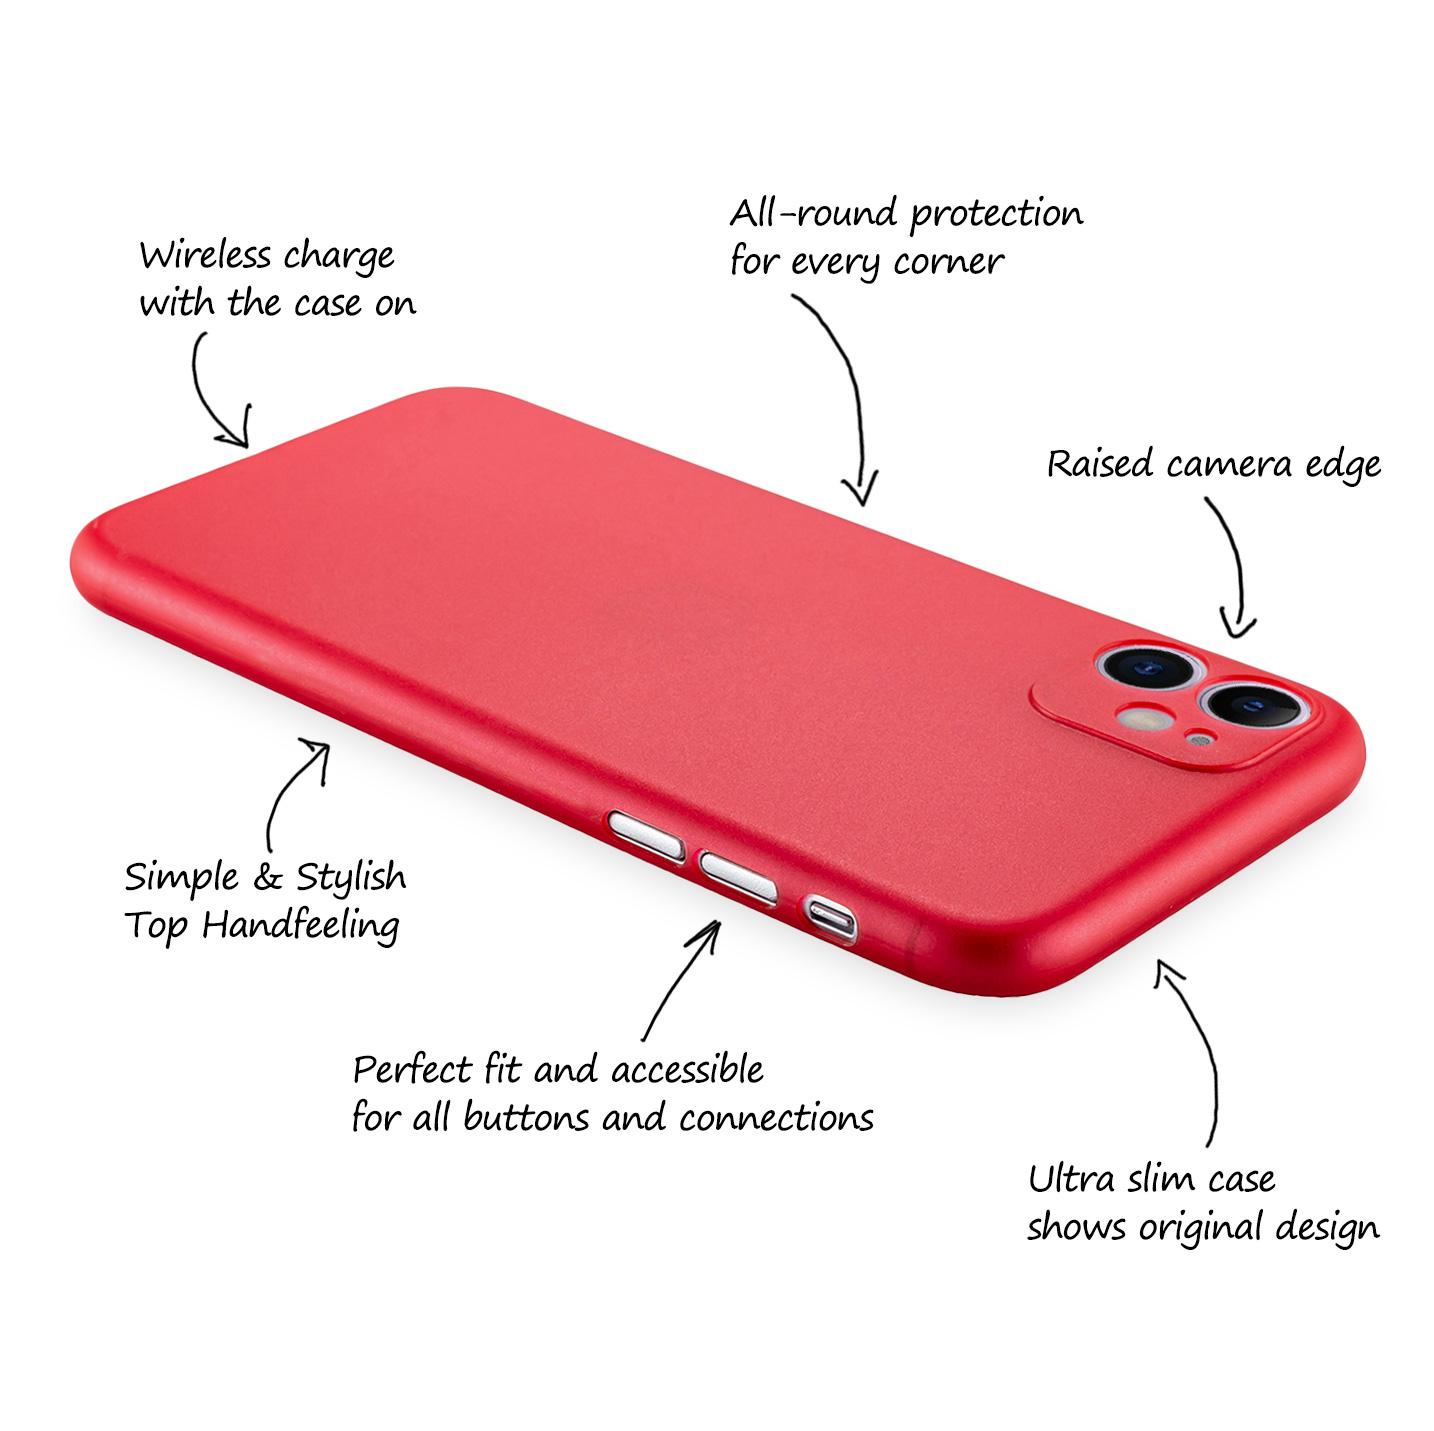 Ultra-Slim-Case-iPhone-11-6-1-034-Matt-Clear-Schutz-Huelle-Skin-Cover-Tasche-Folie Indexbild 46